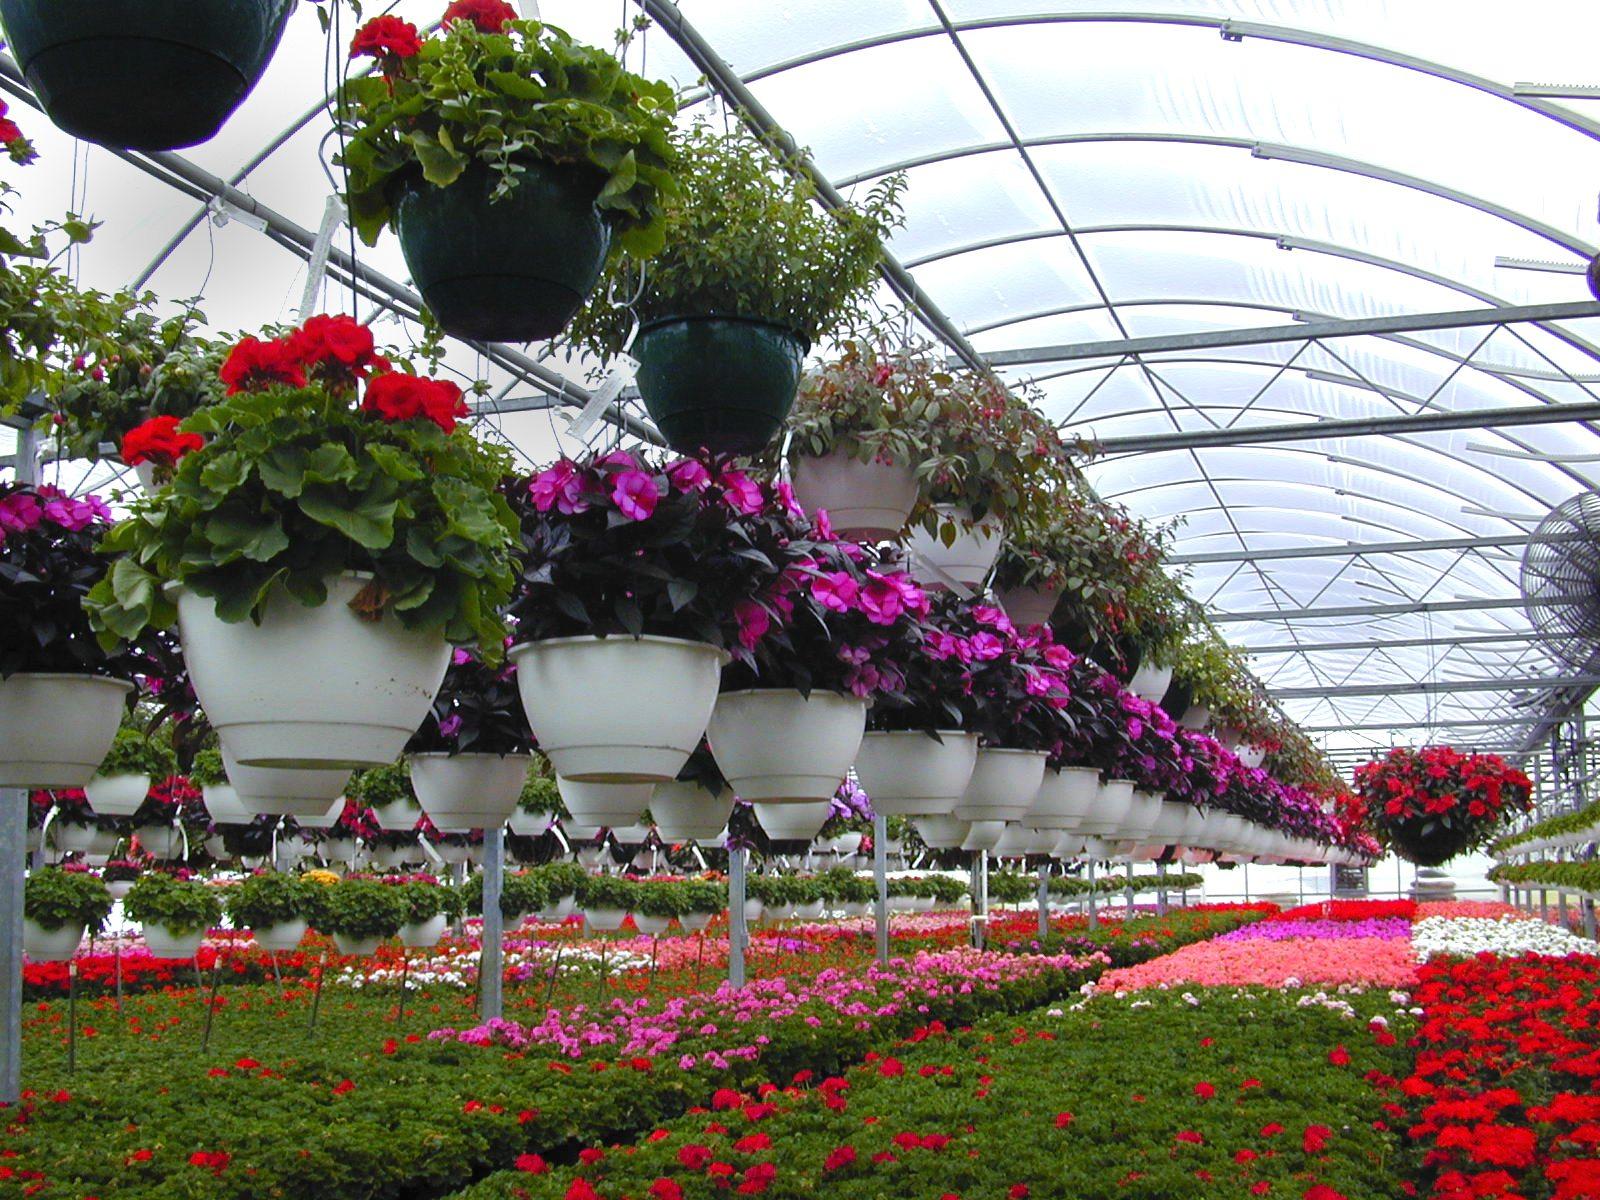 Liod Итальянская выращивание цветов круглый год в открытом грунте основе